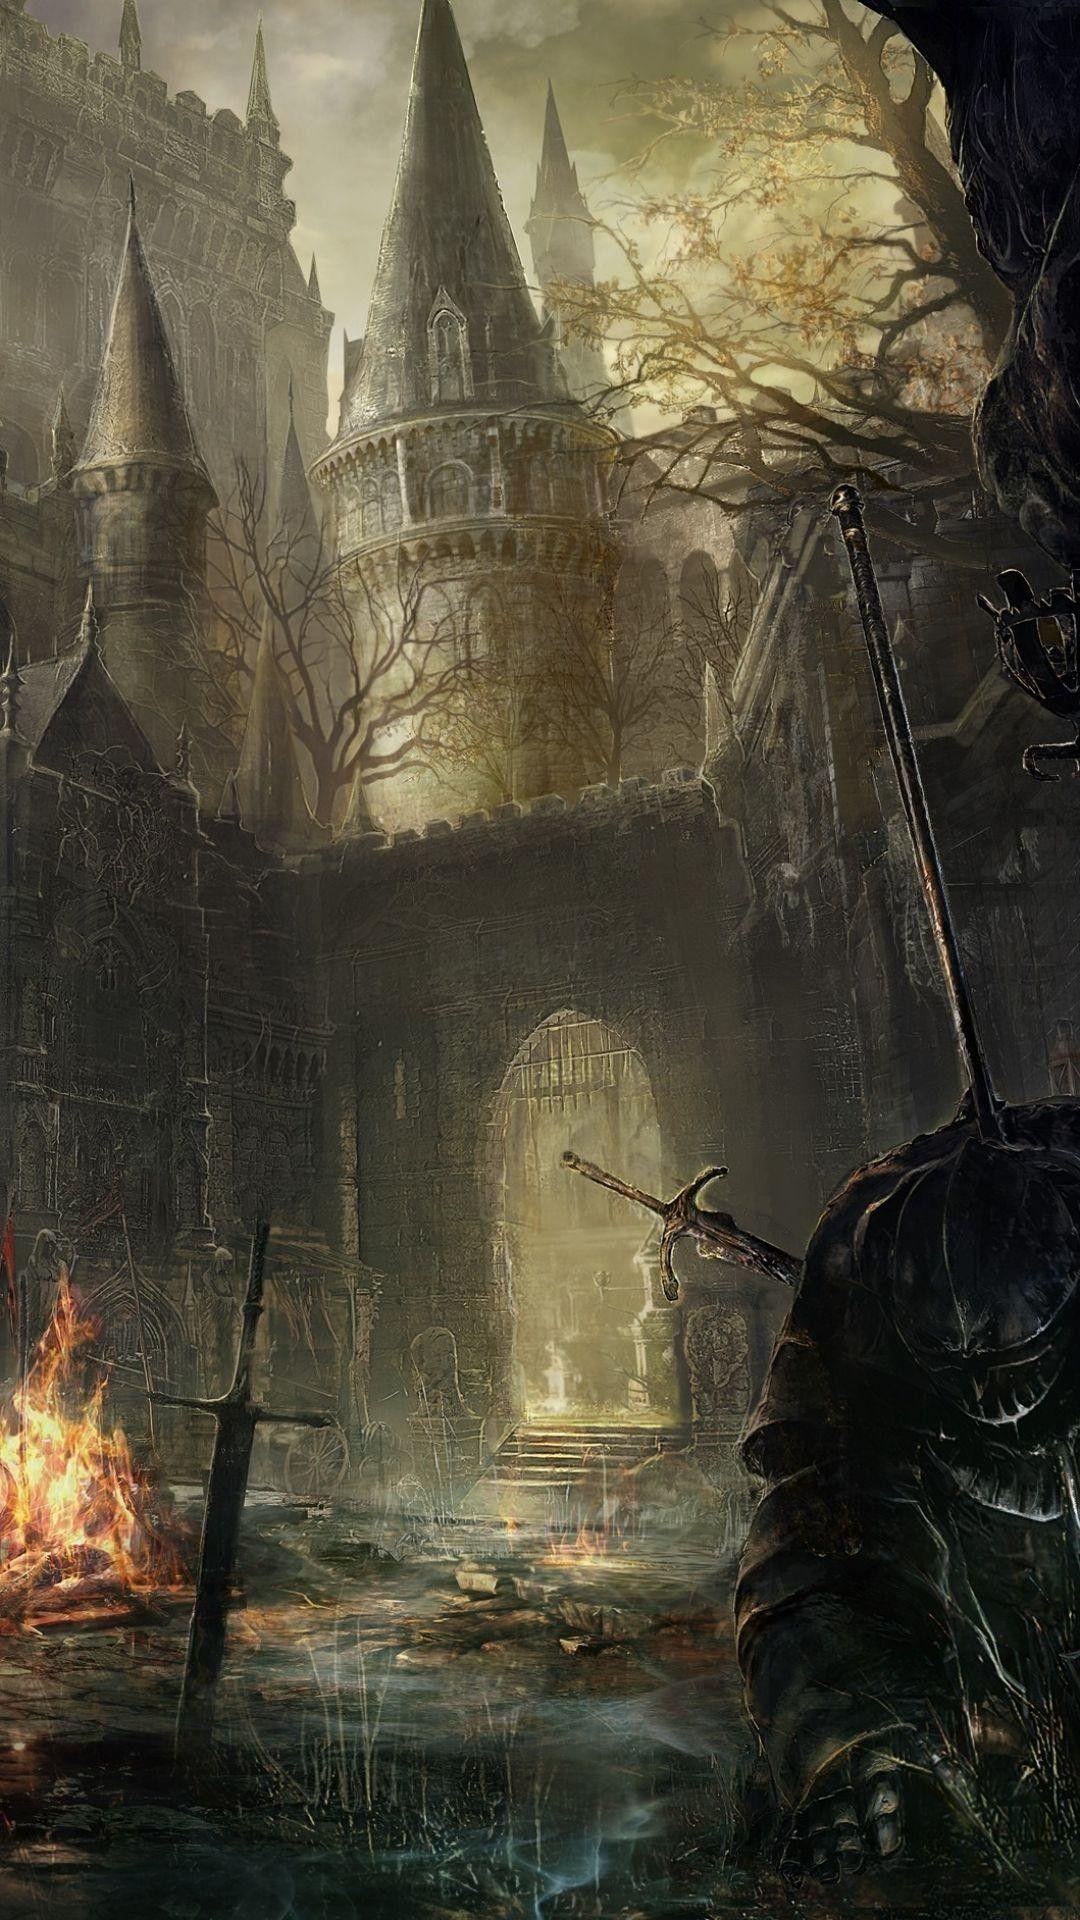 1080x1920 Dark Souls Iphone Wallpaper 75 Images Dark Souls